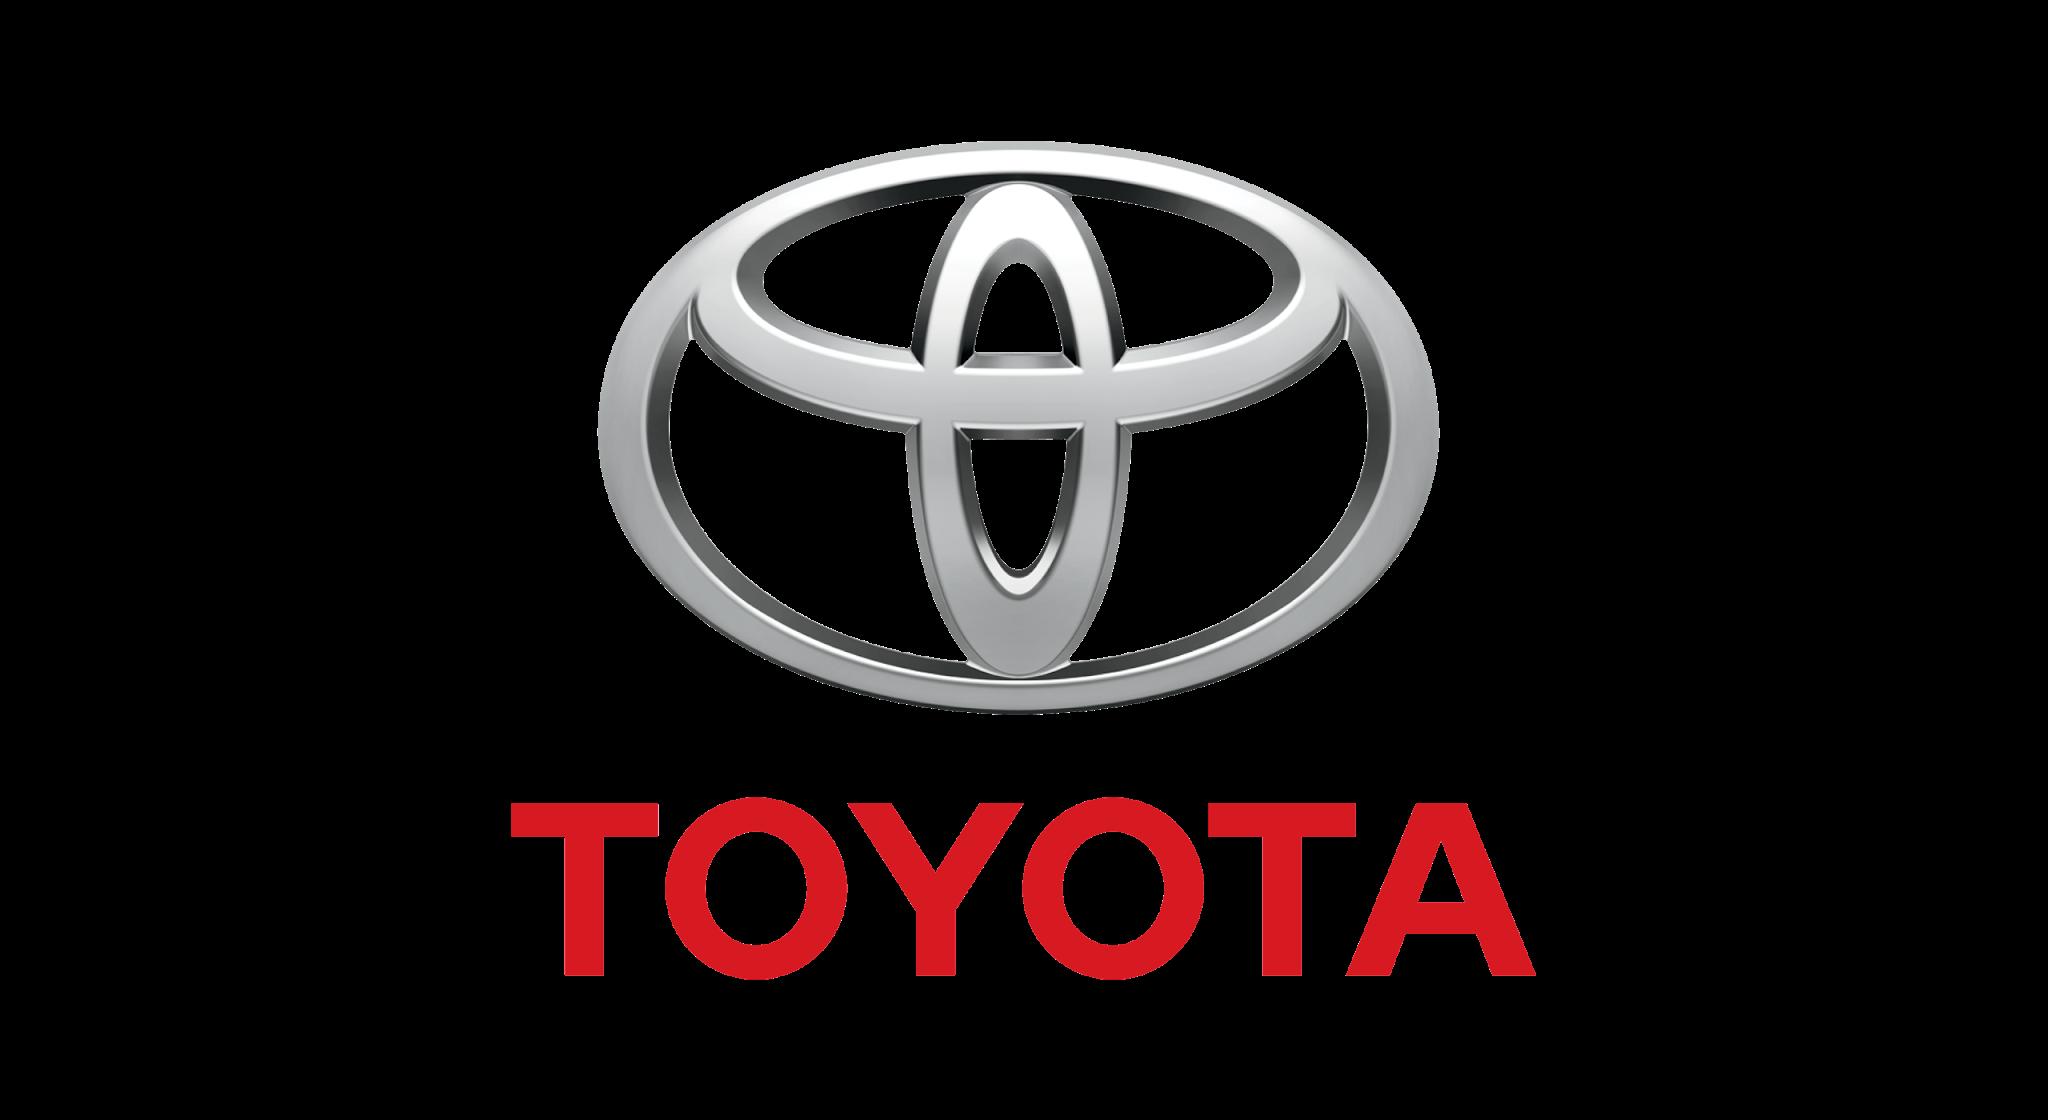 logotipo da empresa automobilística Toyota